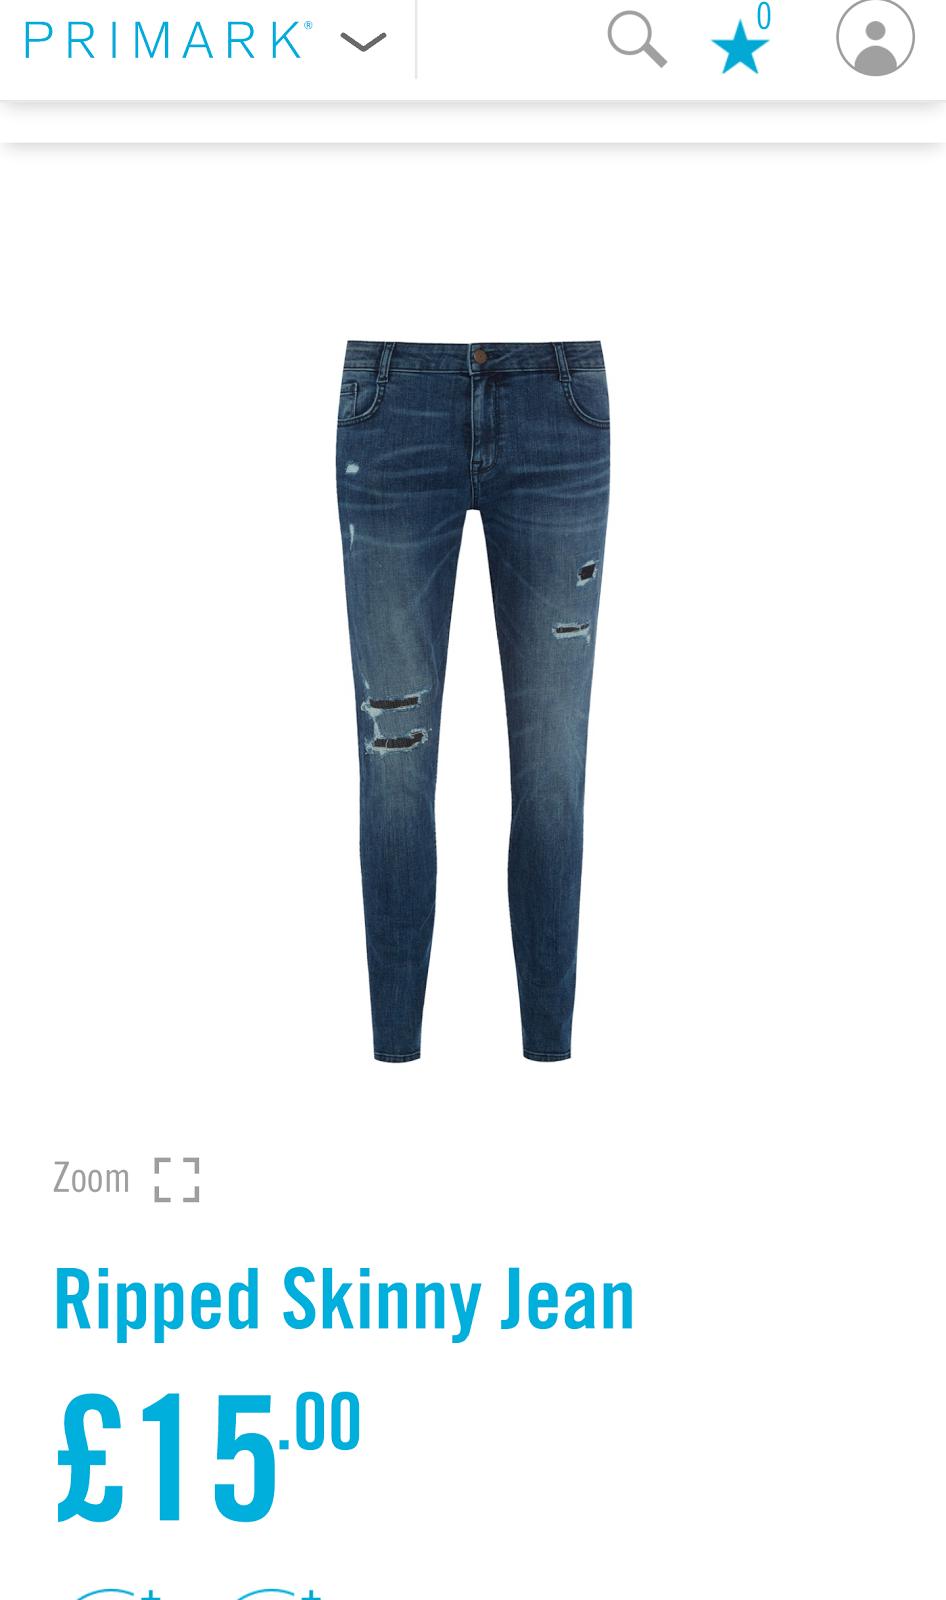 Primark Skinny Ripped Jeans